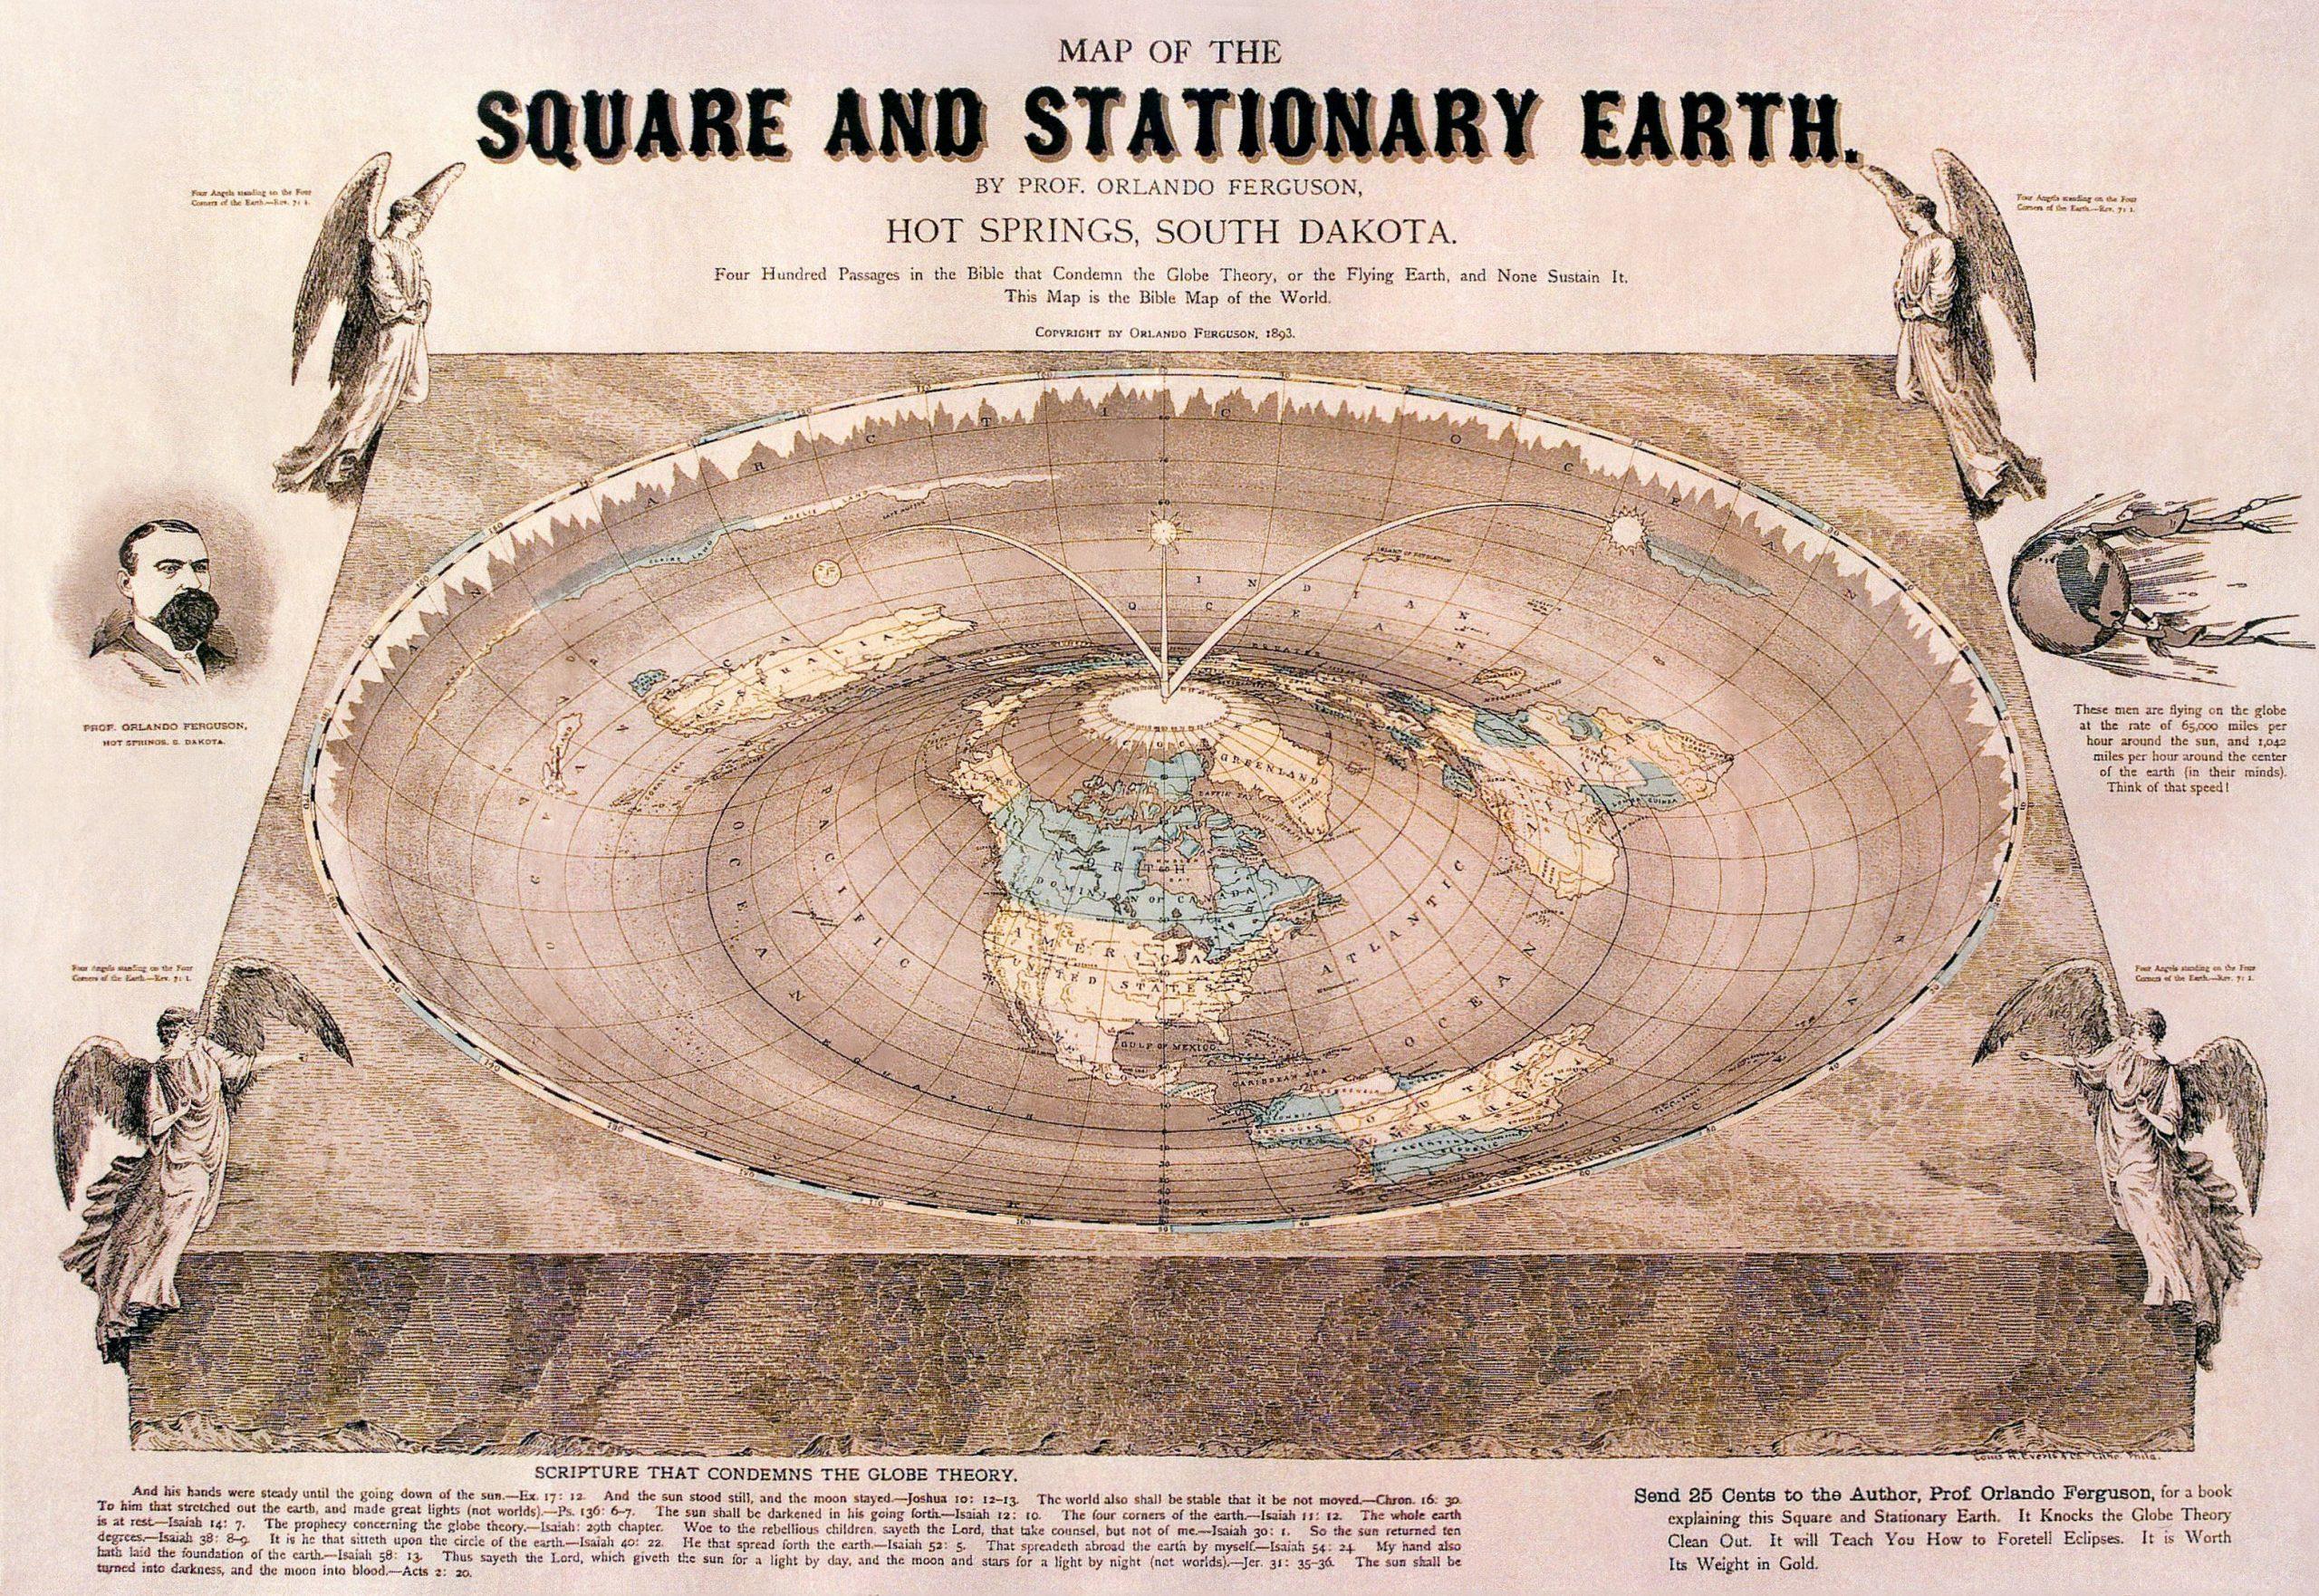 Flat Earth map drawn by Orlando Ferguson in 1893